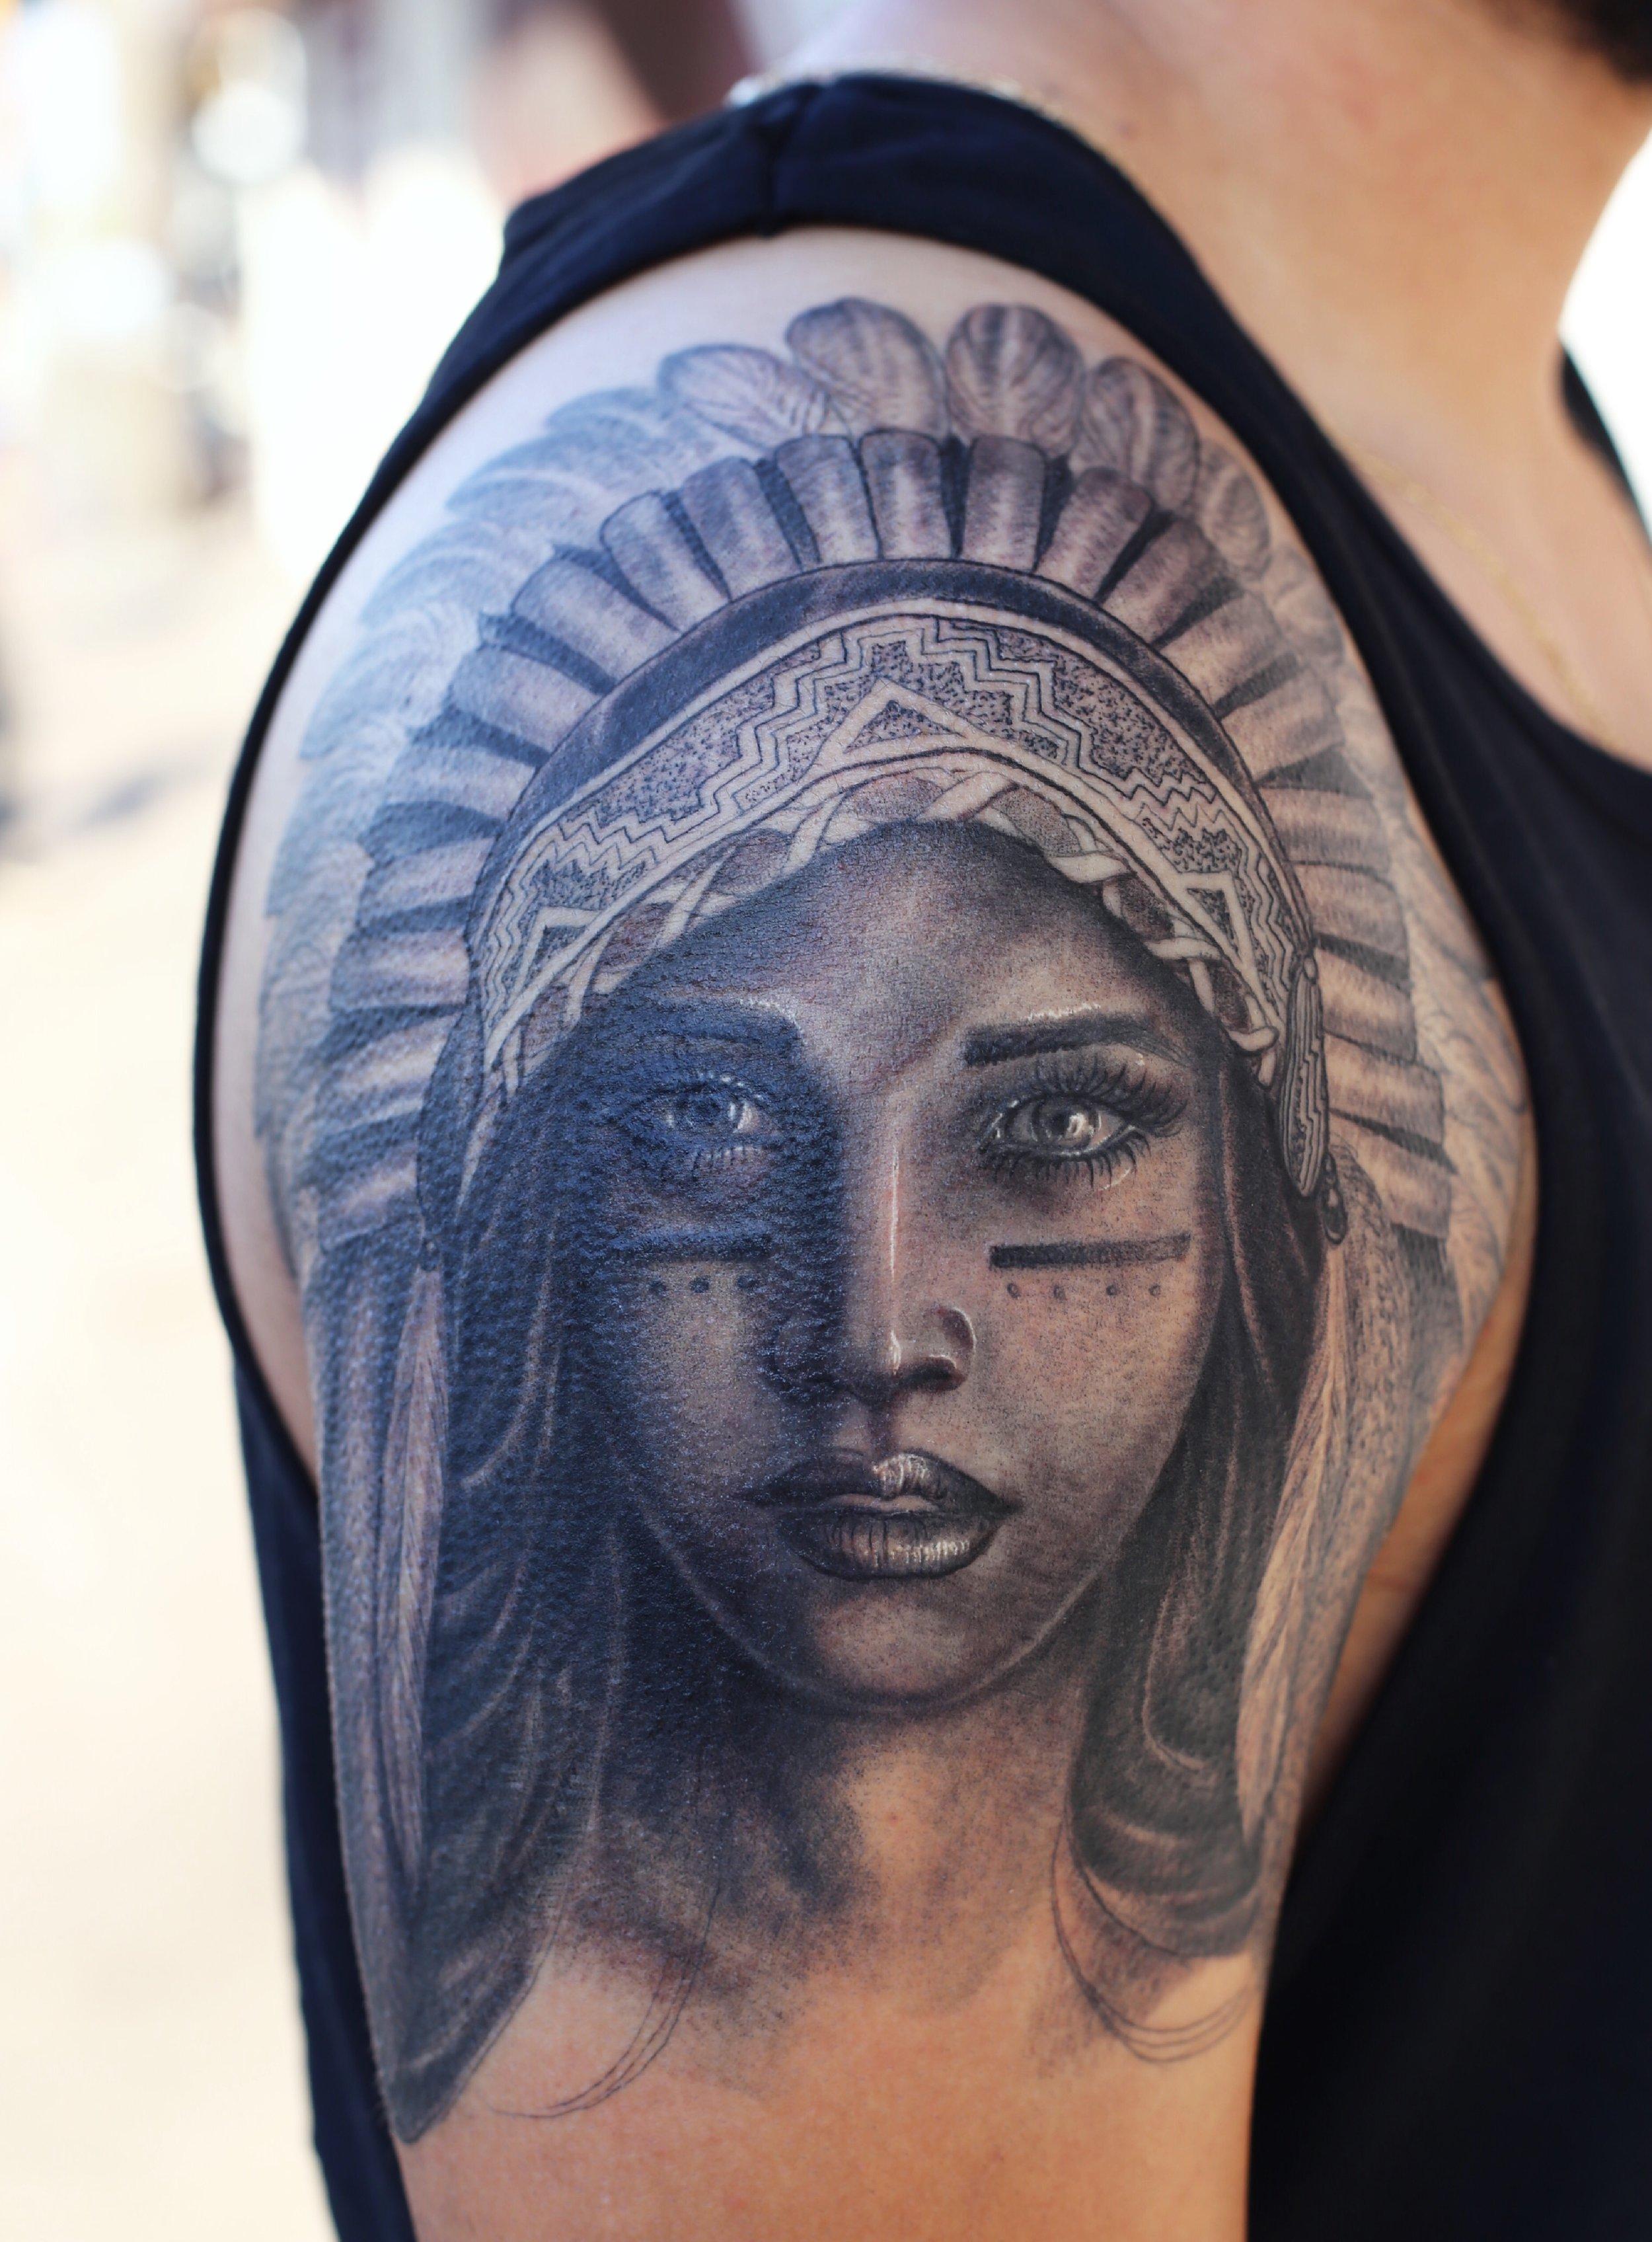 ejay tattoo dallas indian enrique bernal.jpeg